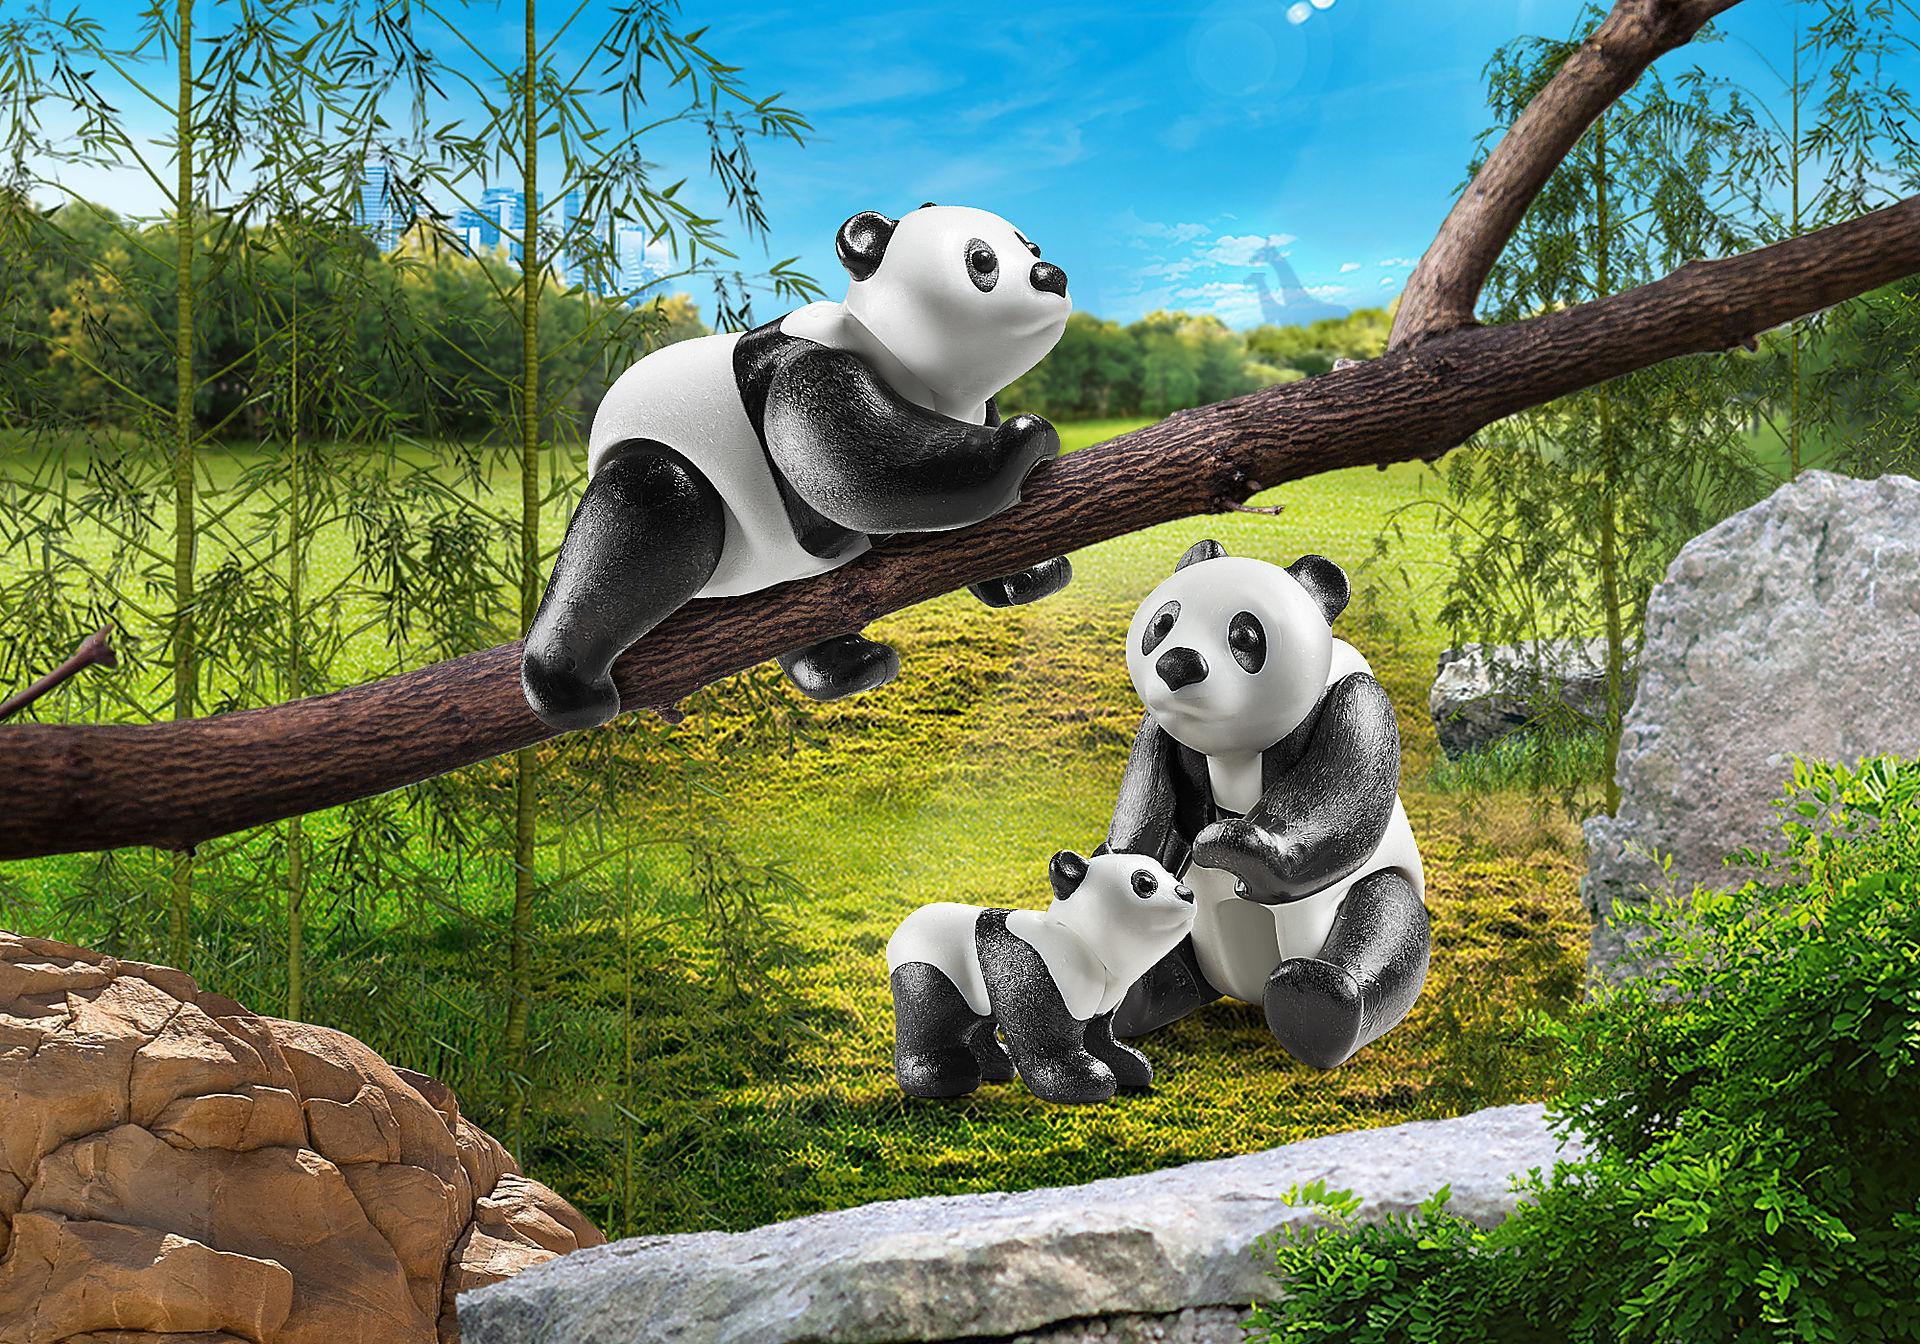 70353 2 pandabjørne med baby zoom image1